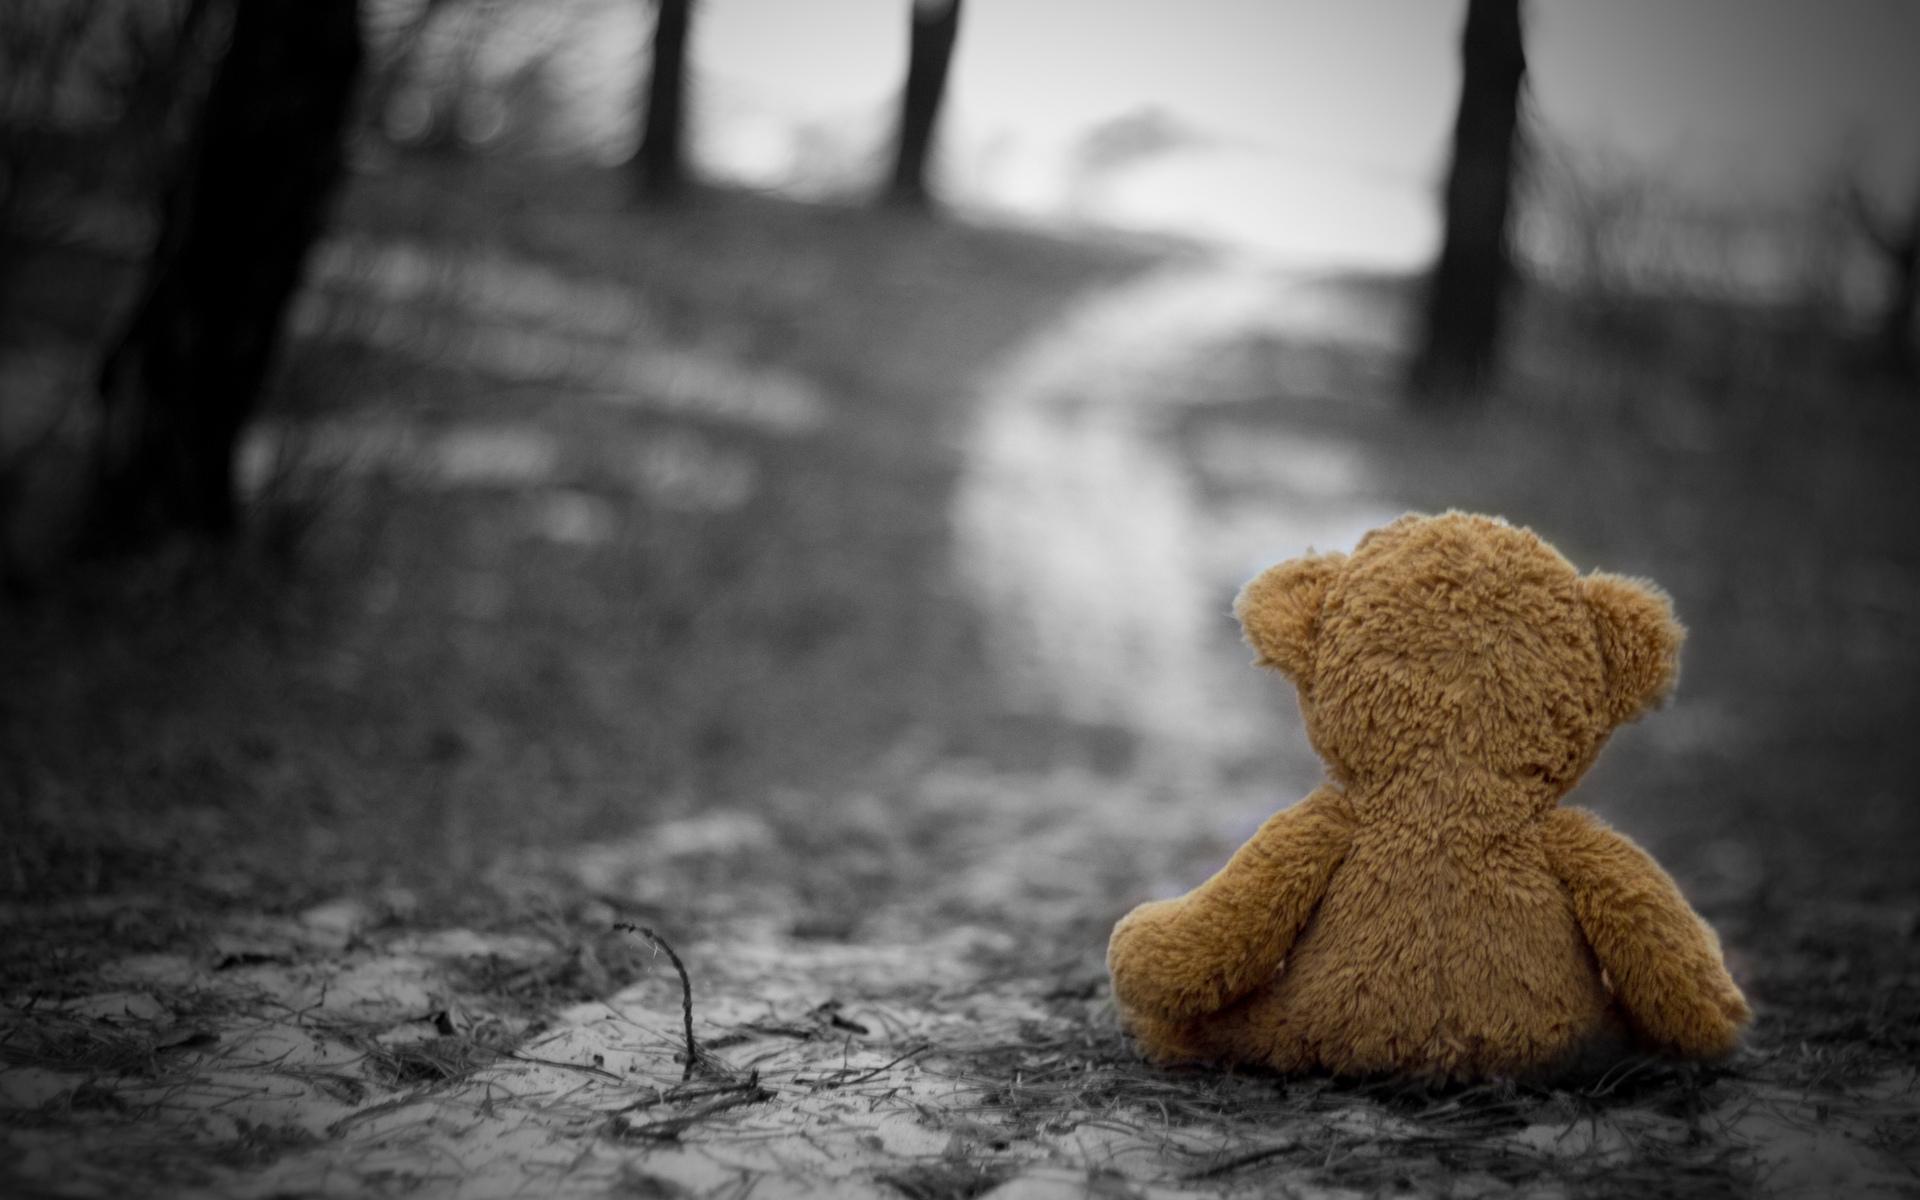 Депрессия напрямую связана с болезнями сердца